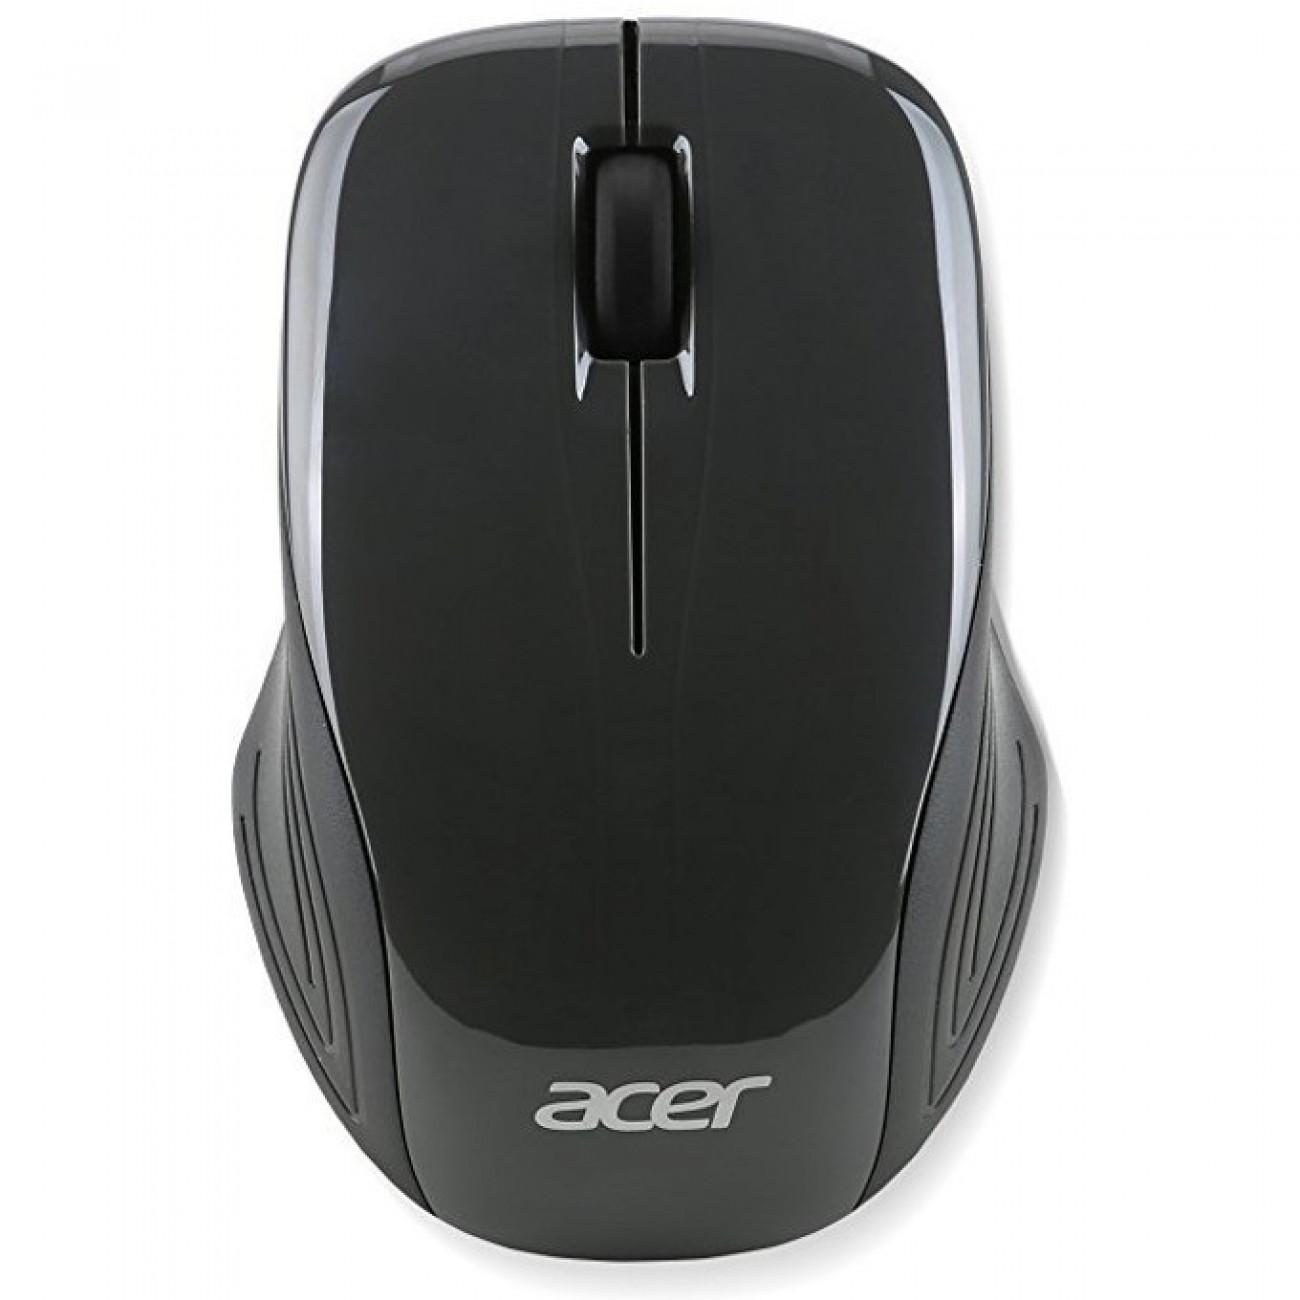 Мишка Acer AMR514, оптична(1000 dpi), USB, черна в Мишки -  | Alleop